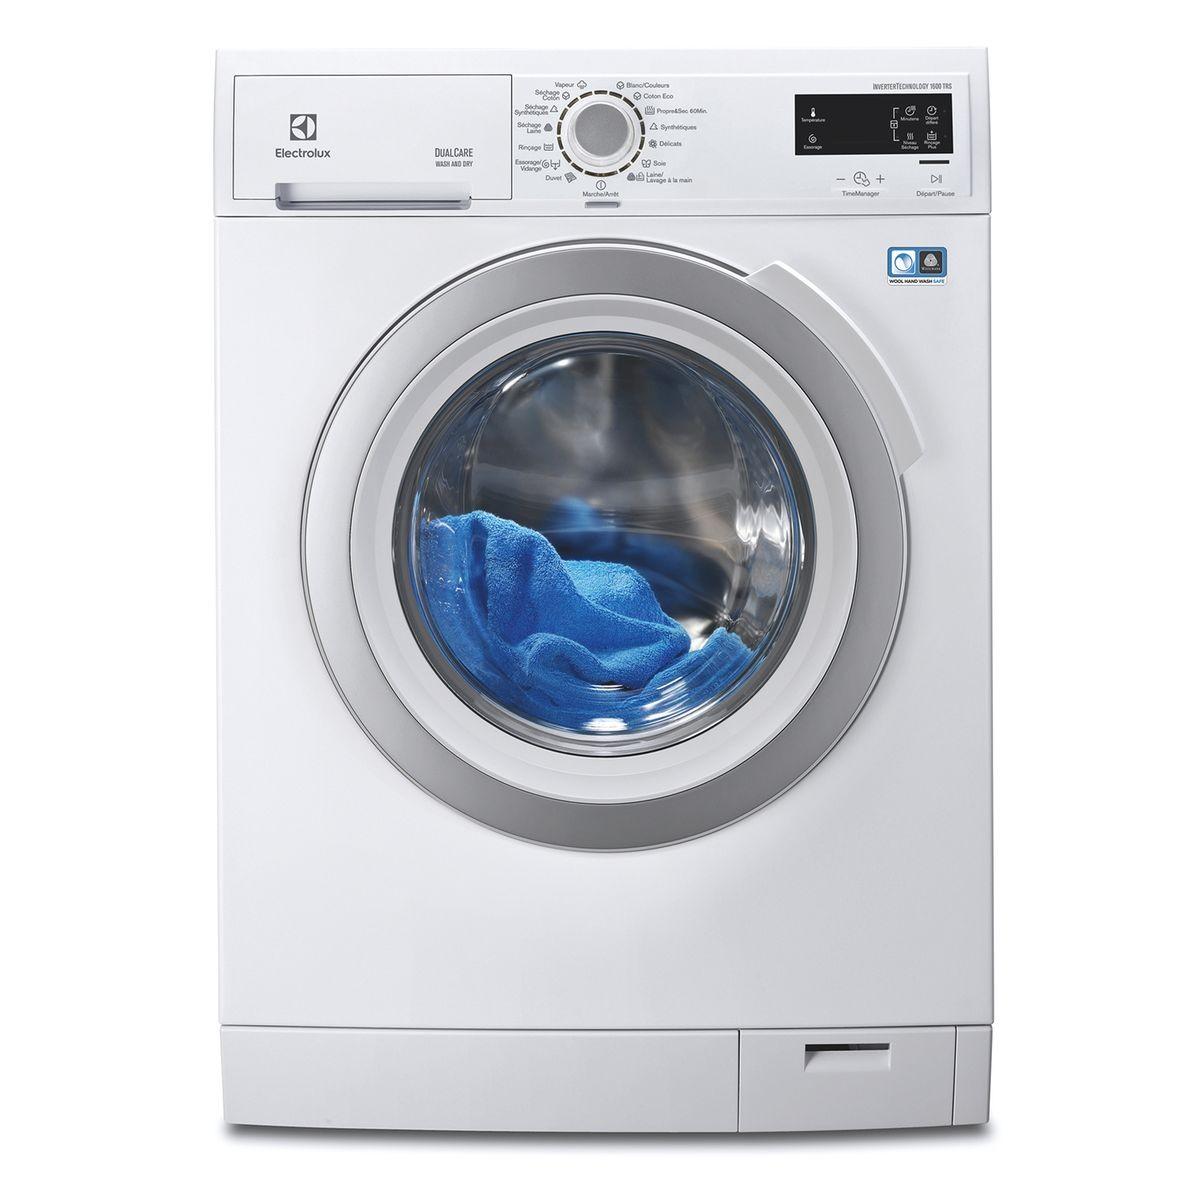 Electrolux Eww1686ws Lave Linge Sechant Lavage 8kg Sechage 4kg 1600tr Min Classe A Lave Linge Sechant Lave Linge Et Machine A Laver Le Linge